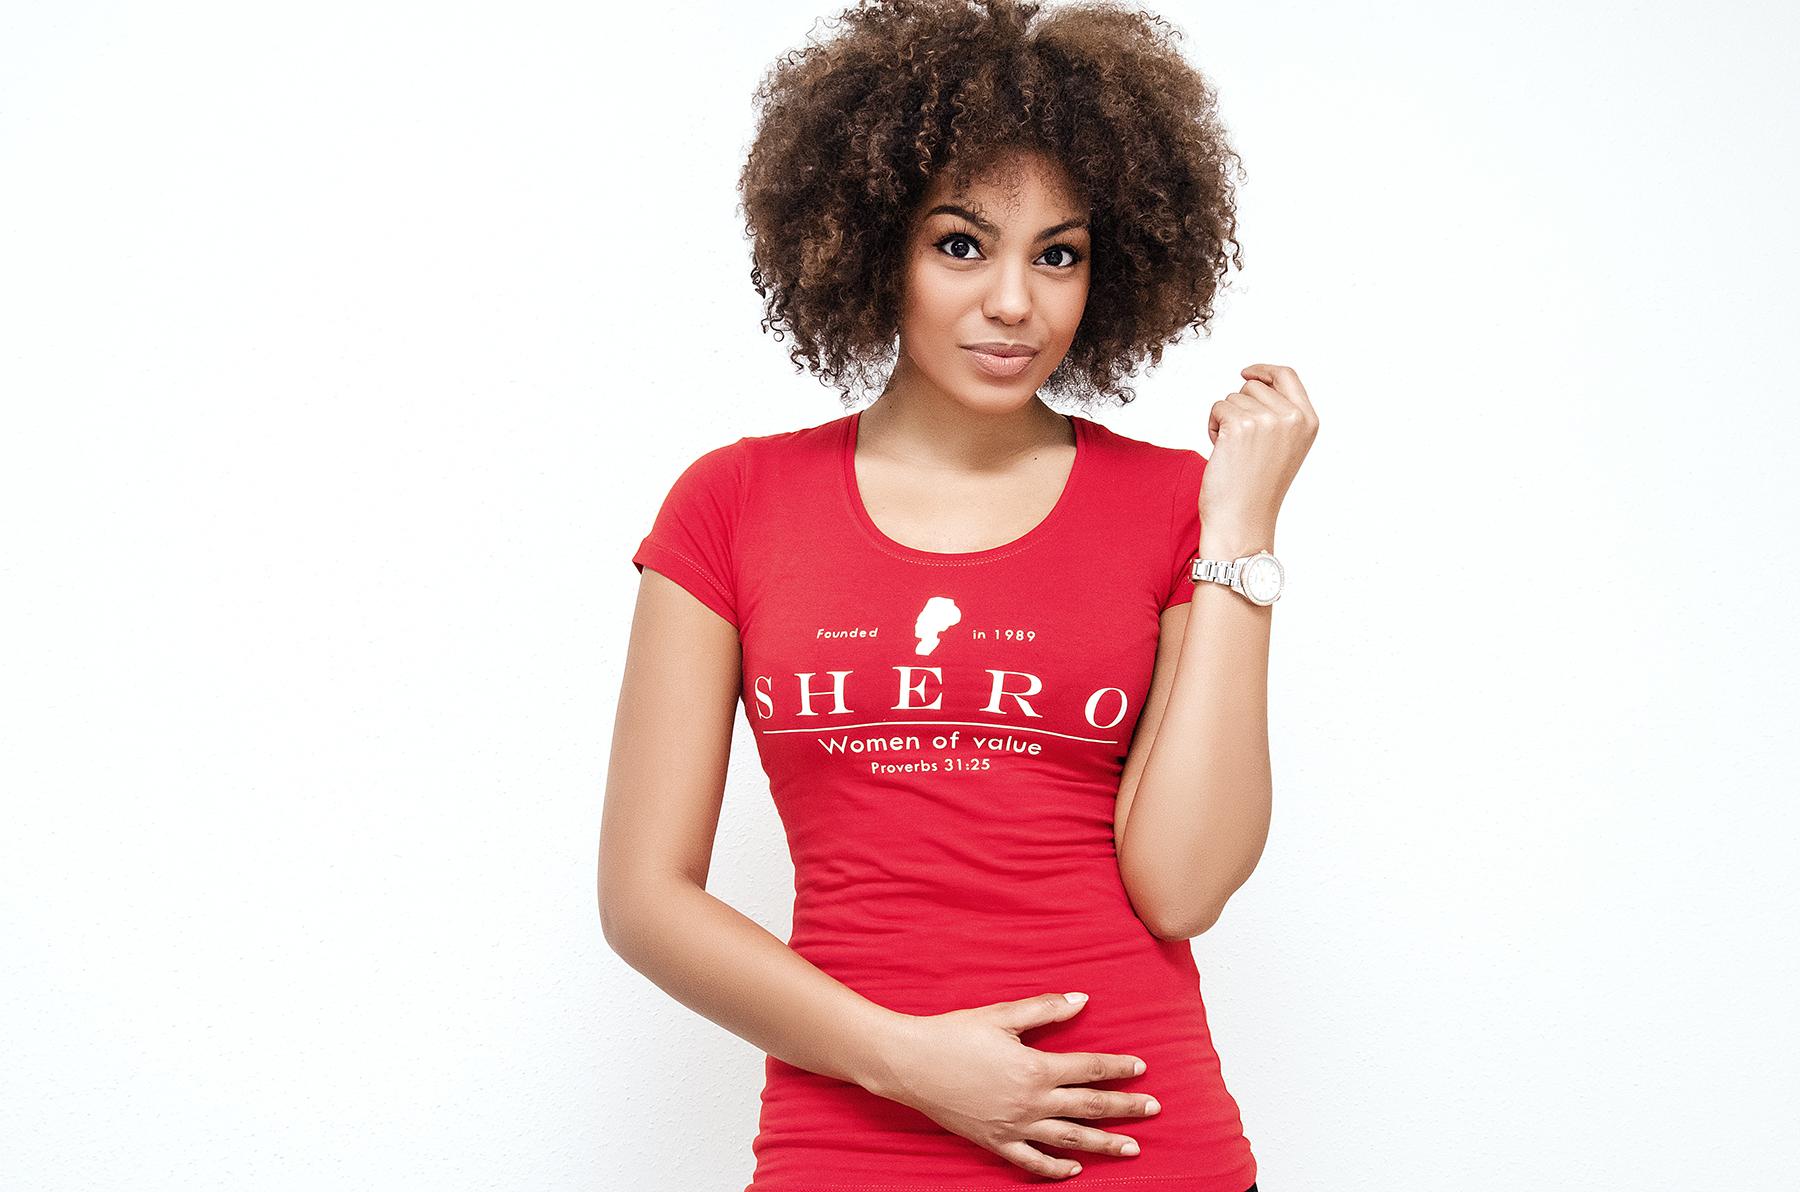 SHERO Red T-shirt